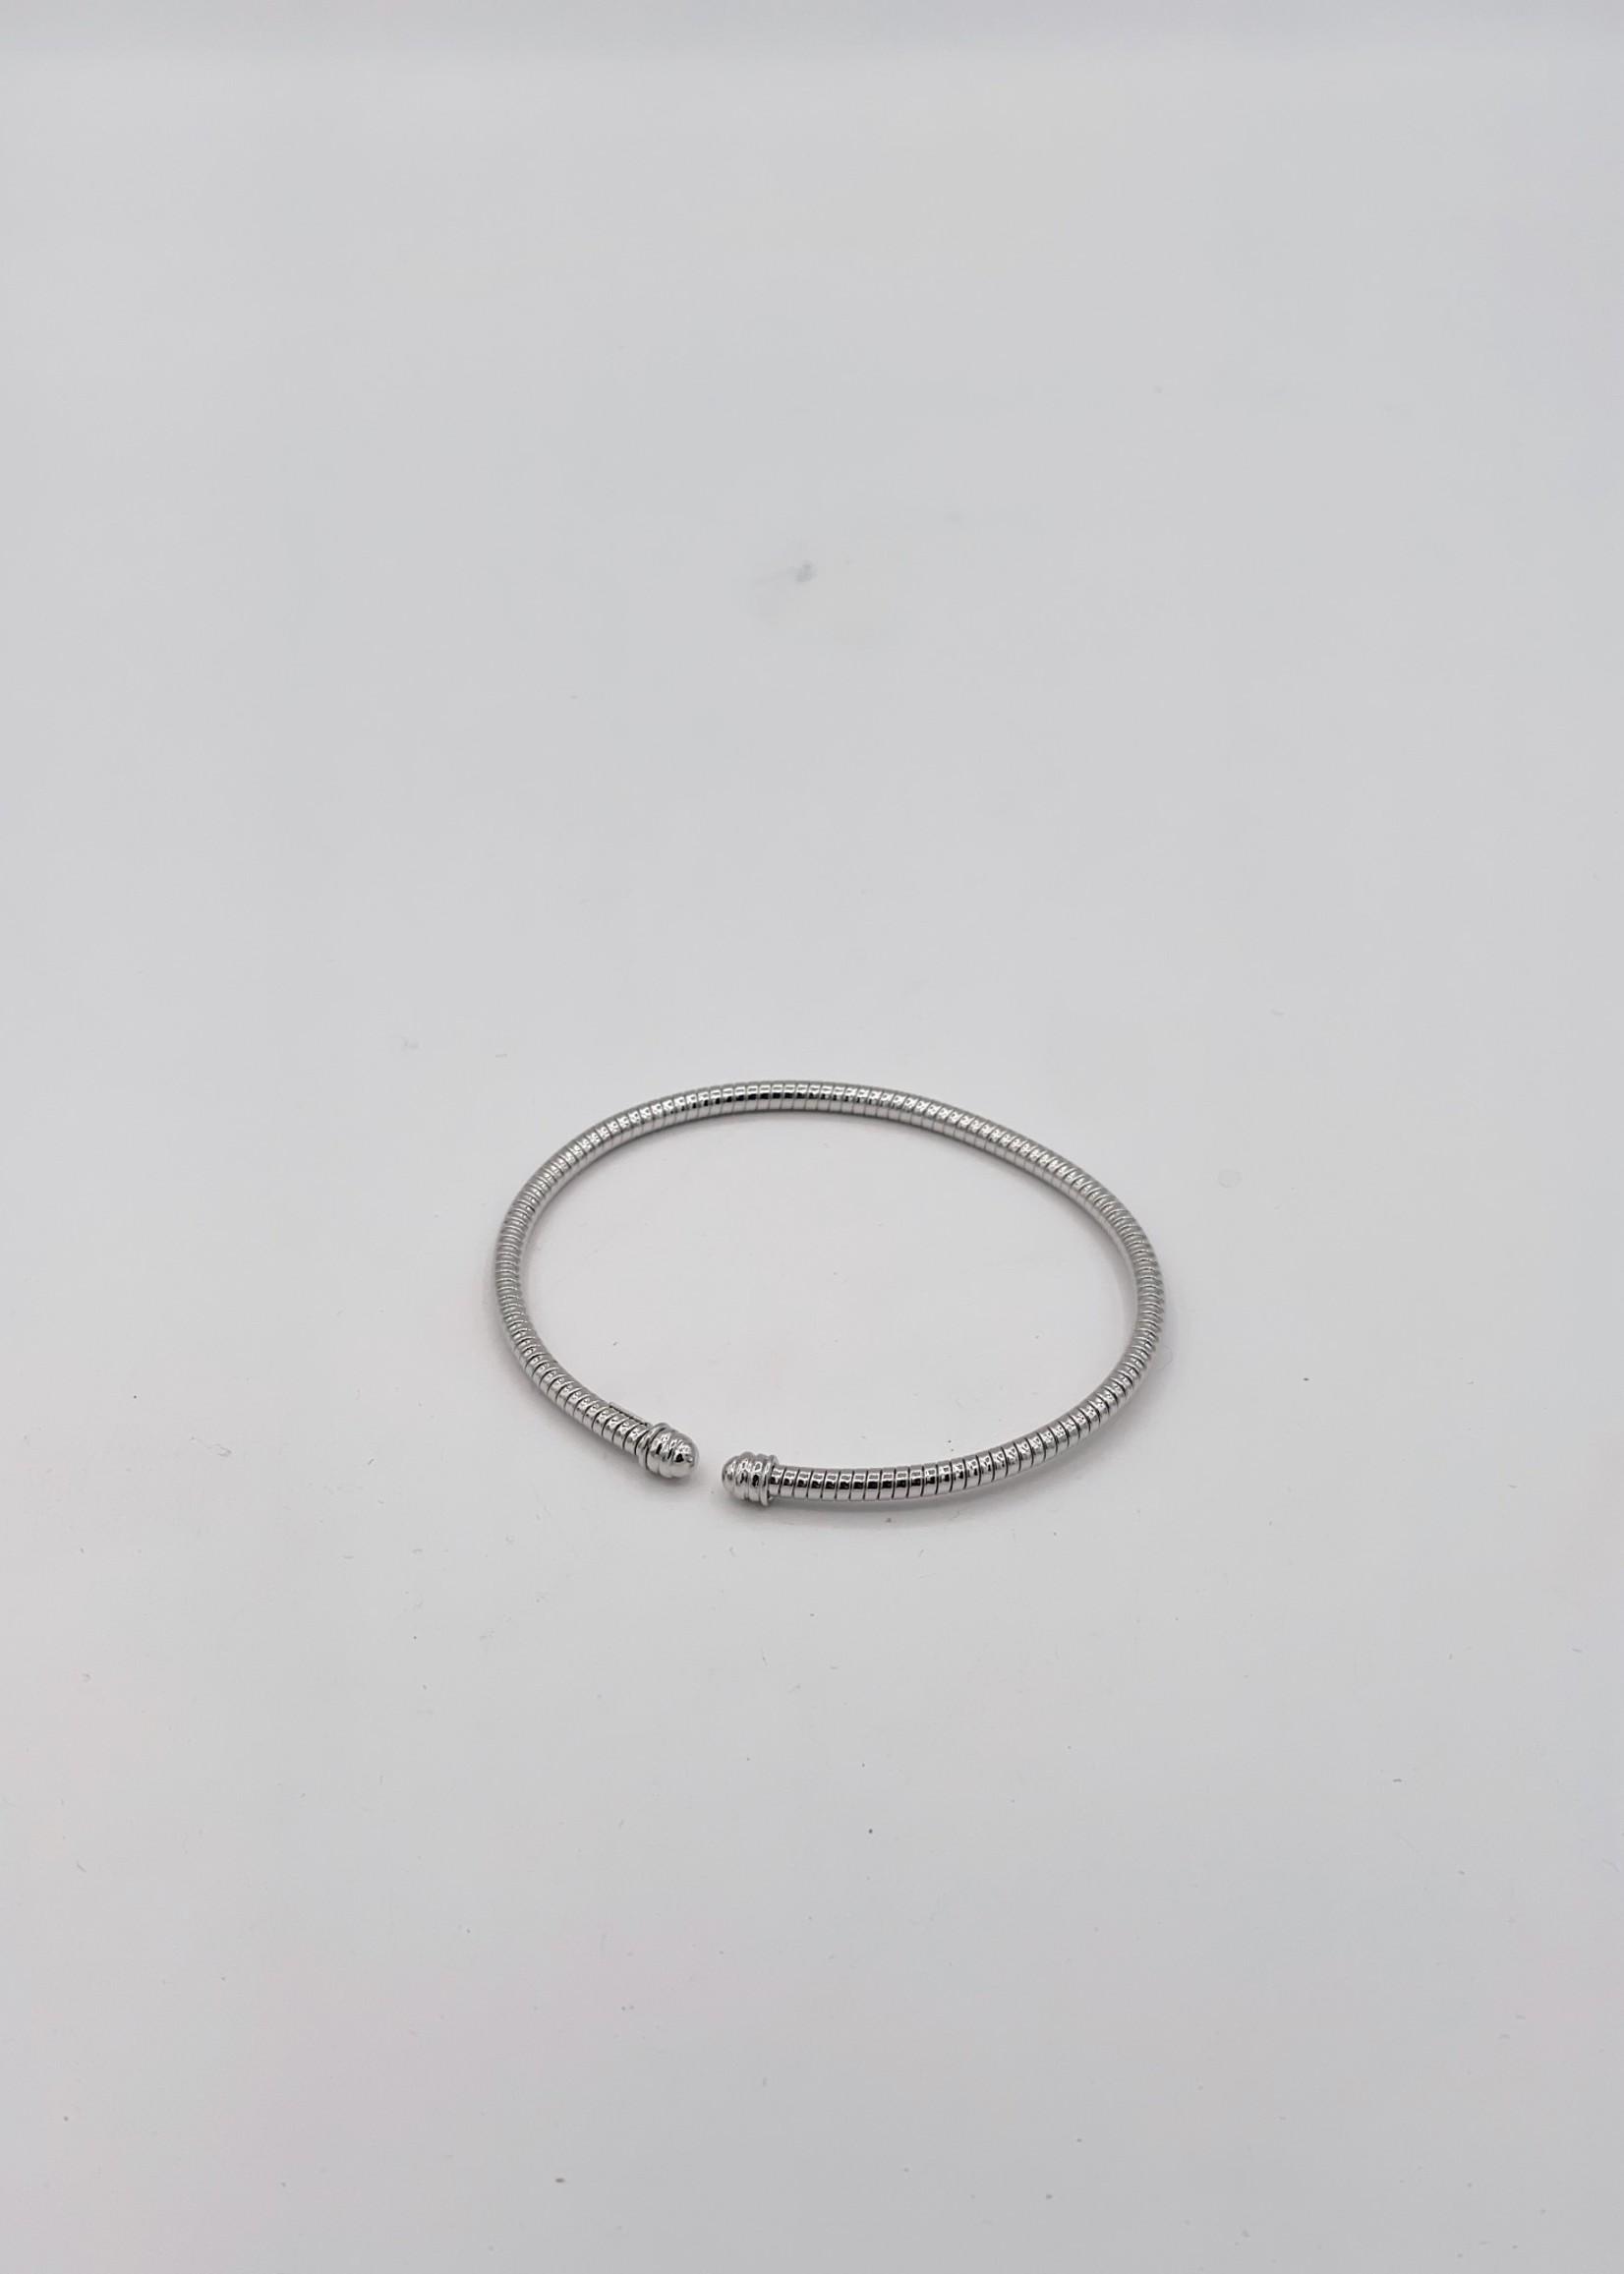 Herco White Gold14k Bangle Bracelet